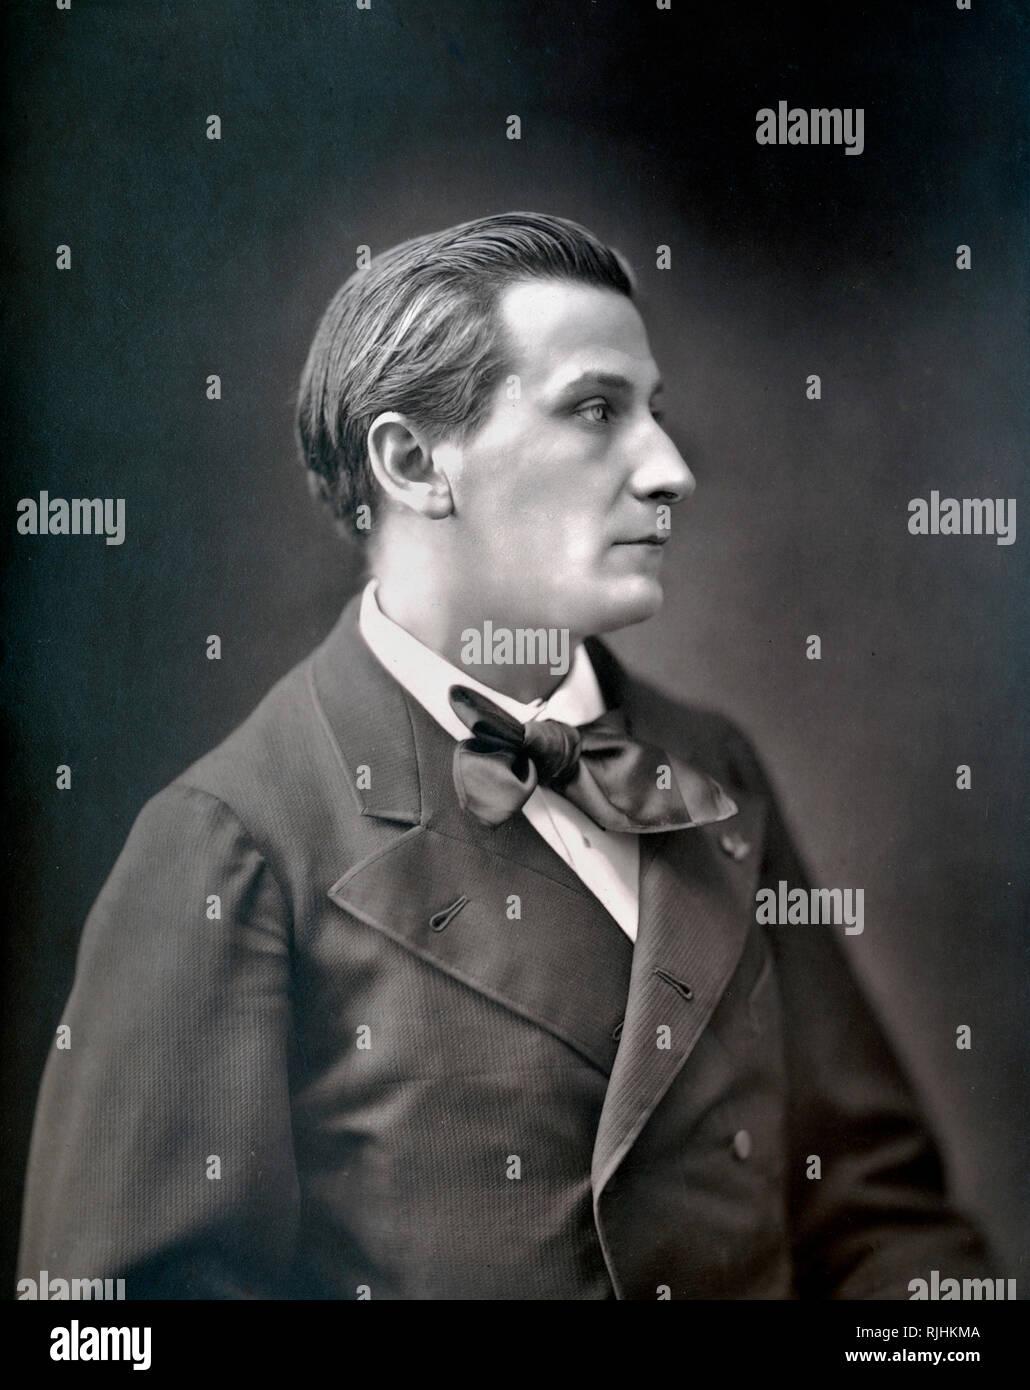 Portrait of François Edouard Joachim Coppée (1842-1908) French Poet & Novelist. Portrait photograph c1880 by Nadar - Stock Image